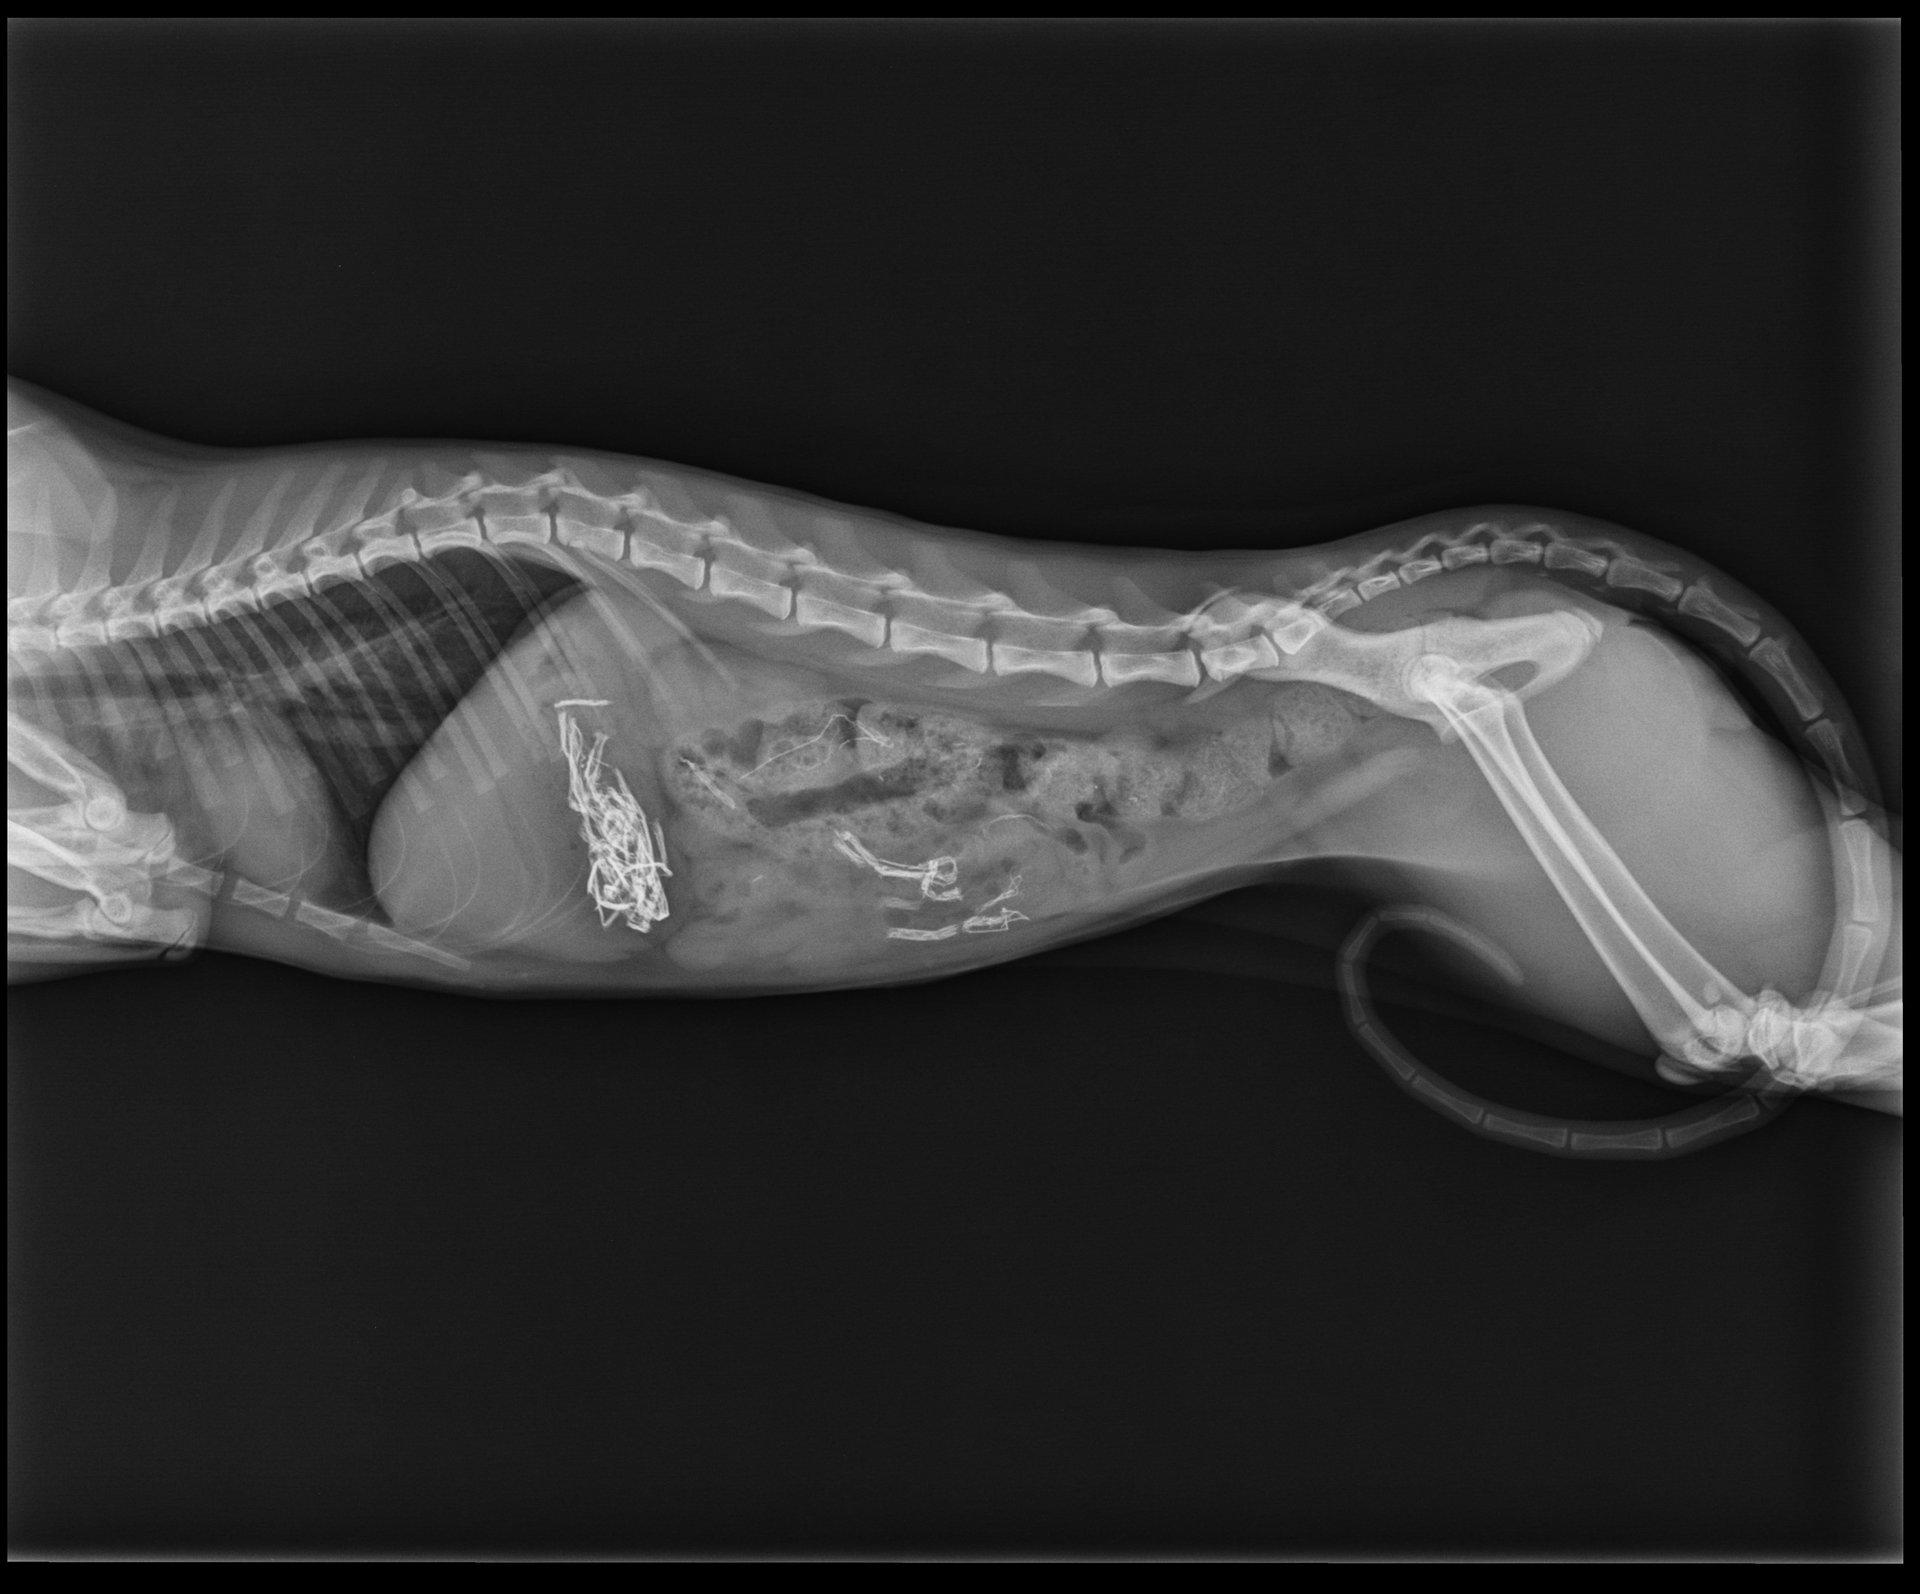 esame radiografico veterinario